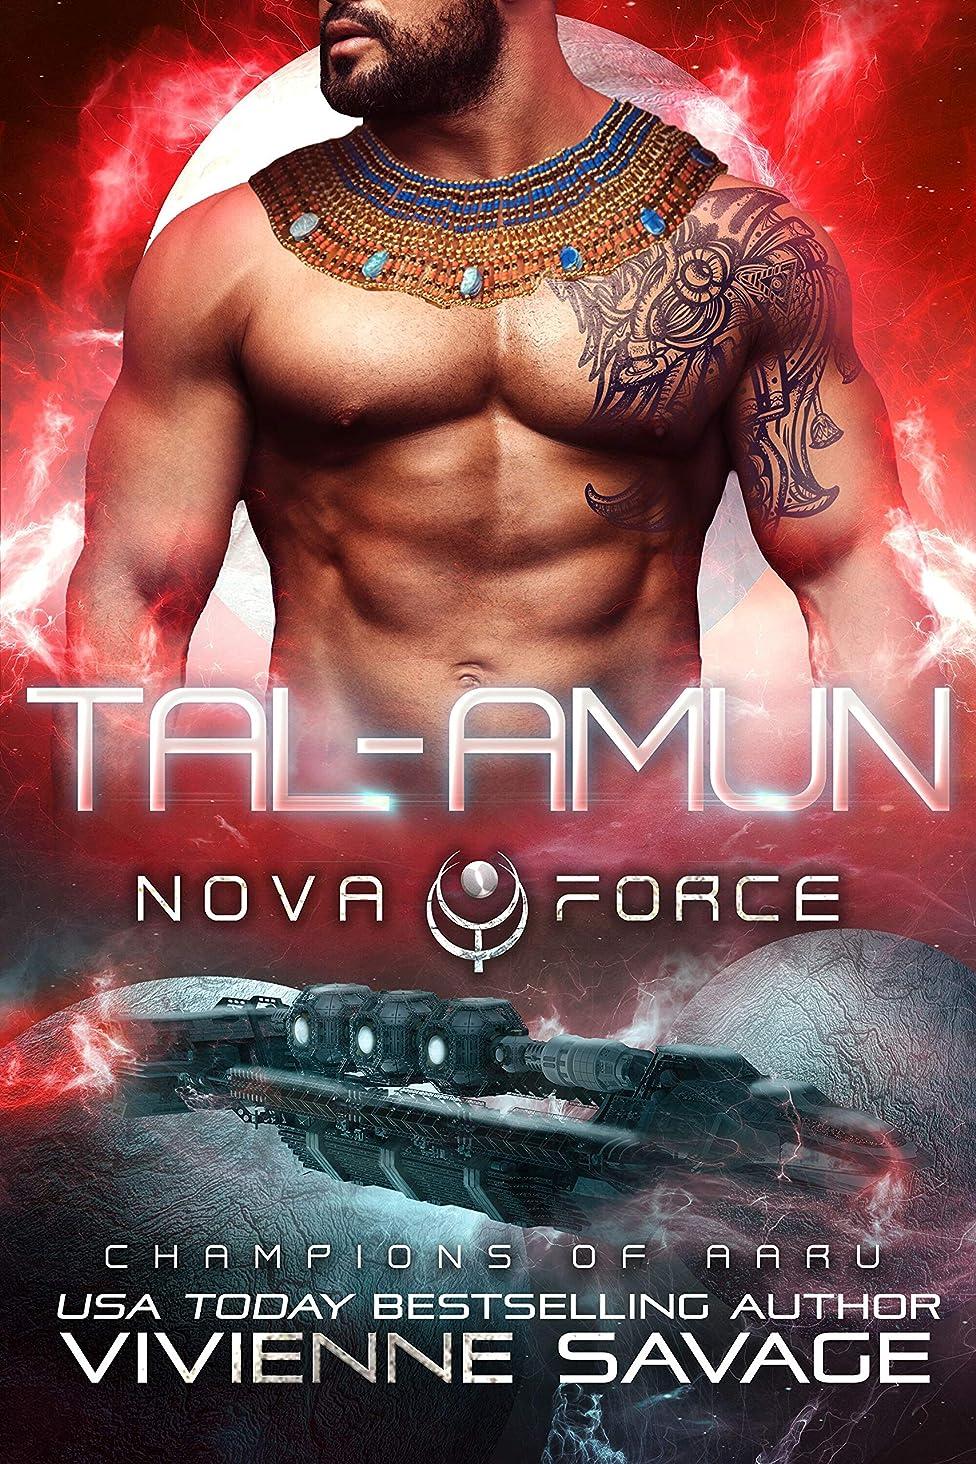 インストール保険曲Tal-Amun: an Alien Space Fantasy Romance (The Nova Force: Champions of Aaru Book 1) (English Edition)